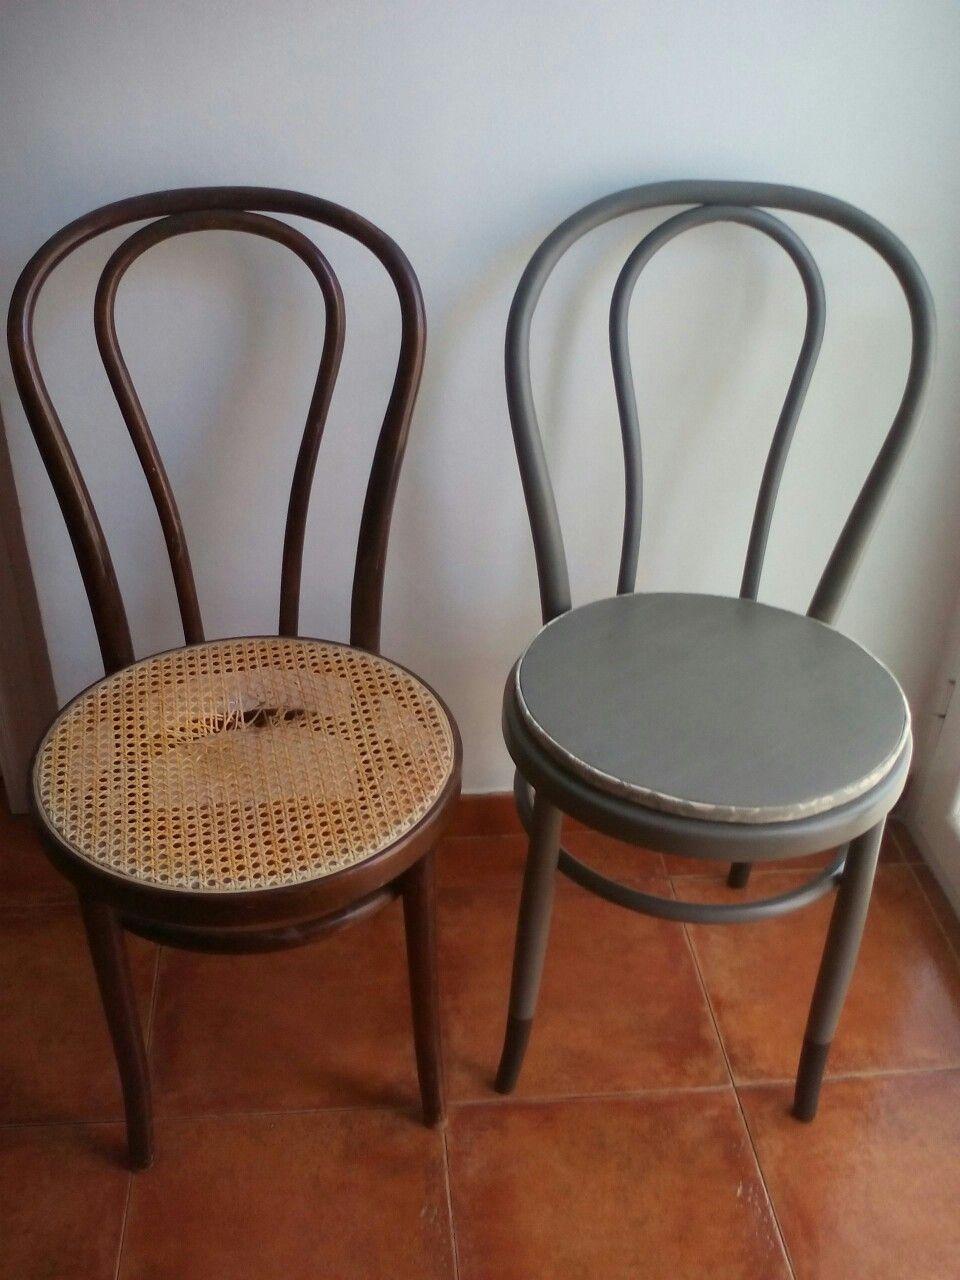 El antes y despu s de la silla thonet muebles for Sillas para viejitos